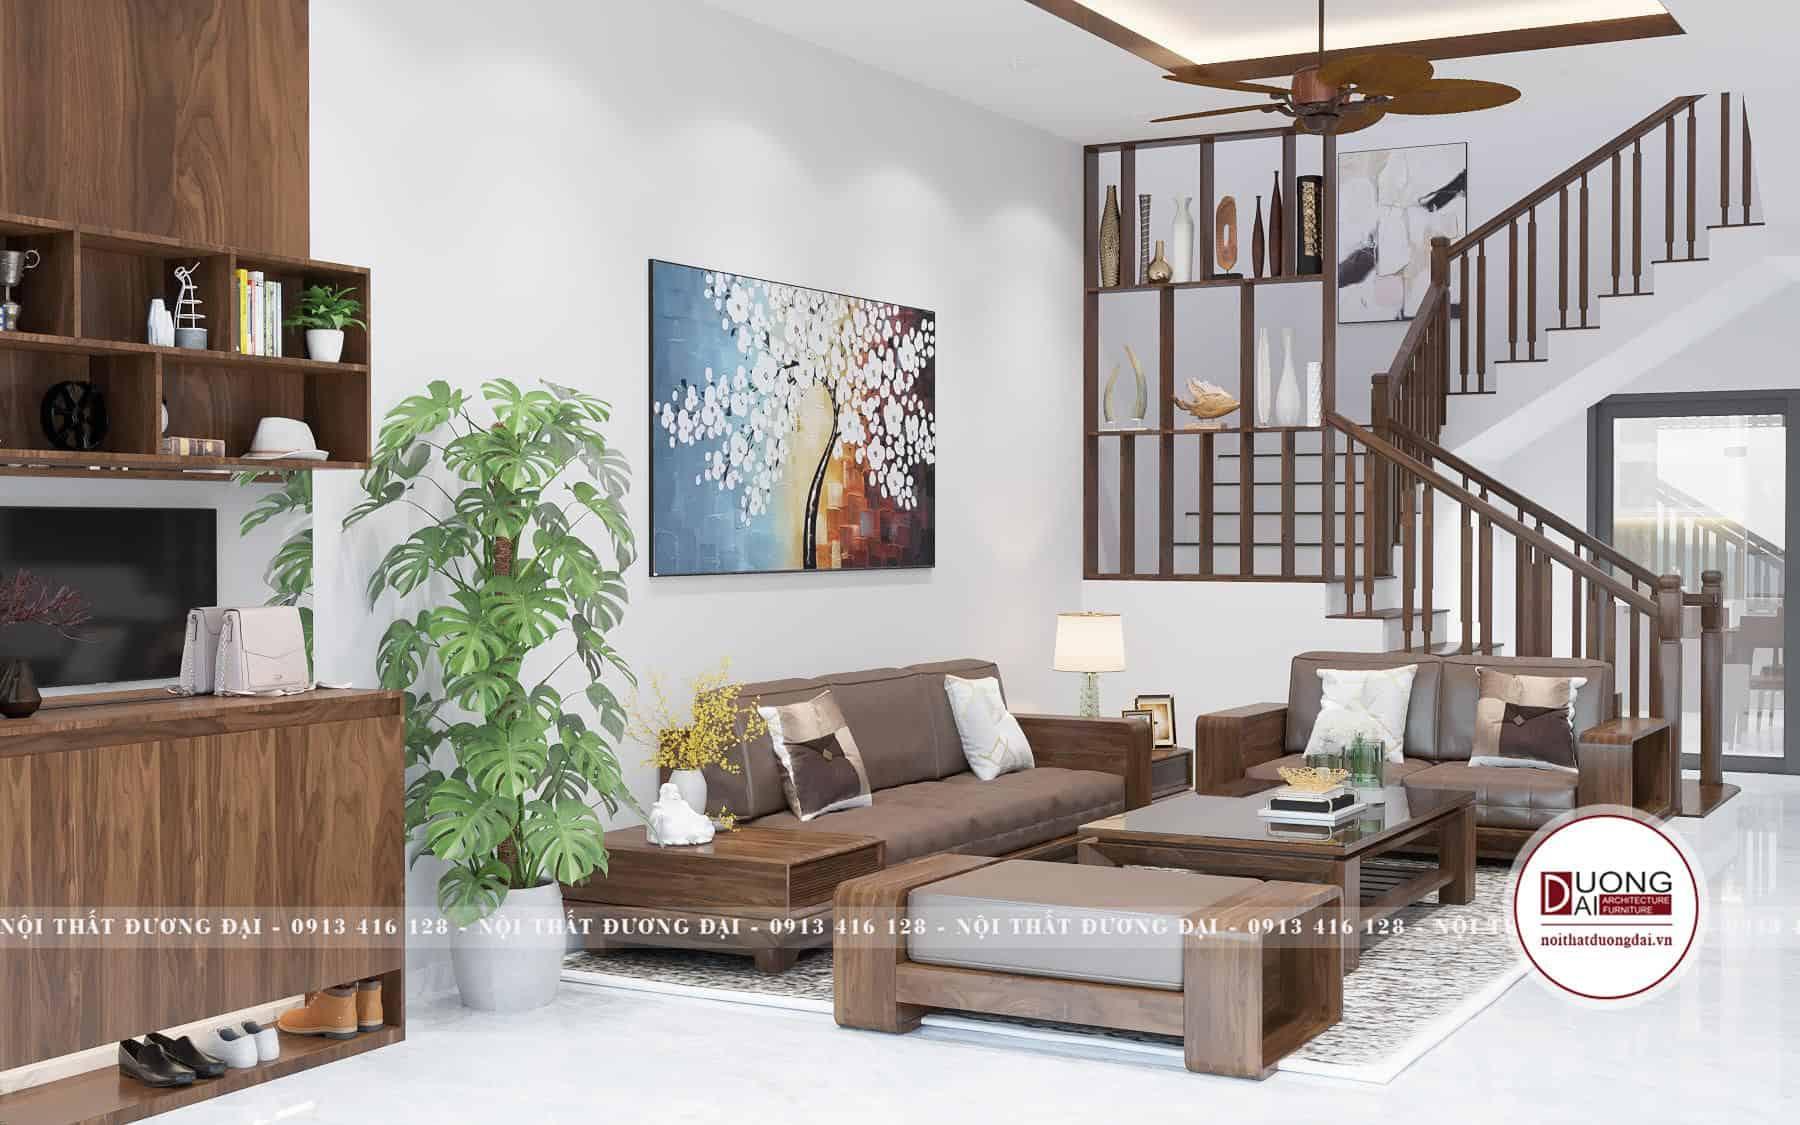 Thiết kế phòng khách nhỏ với bộ sofa hiện đại siêu nhỏ gọn